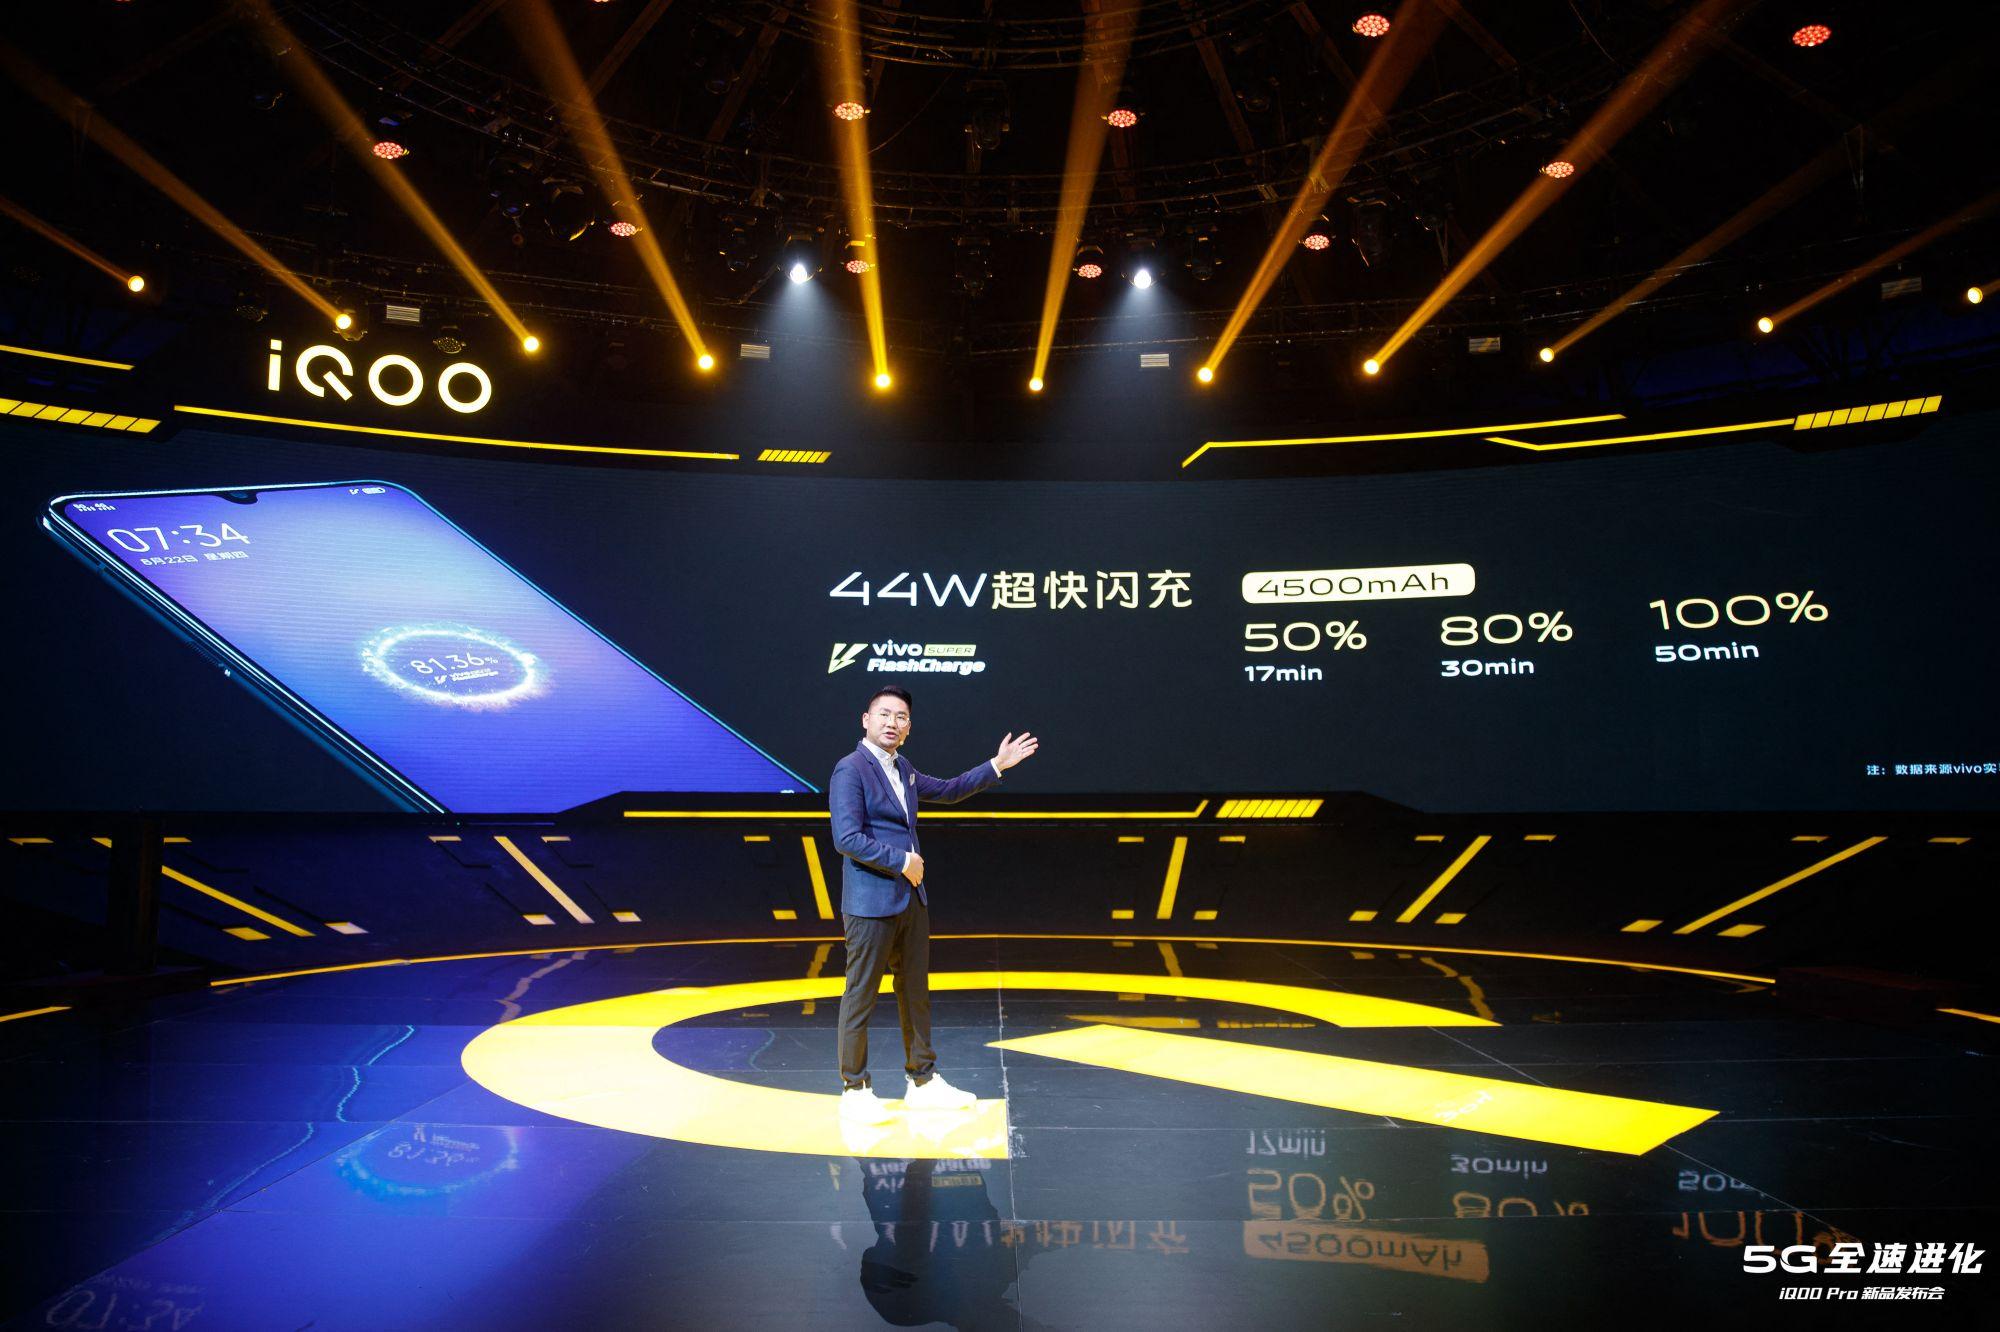 Флагманские смартфоны Vivo, Samsung, Huawei, Apple и Xiaomi поддерживают технологию быстрой зарядки. Если в будущем каждый смартфон будет заряжаться на 100 % за 10–15 минут, беспроводная передача энергии может оказаться невостребованной.